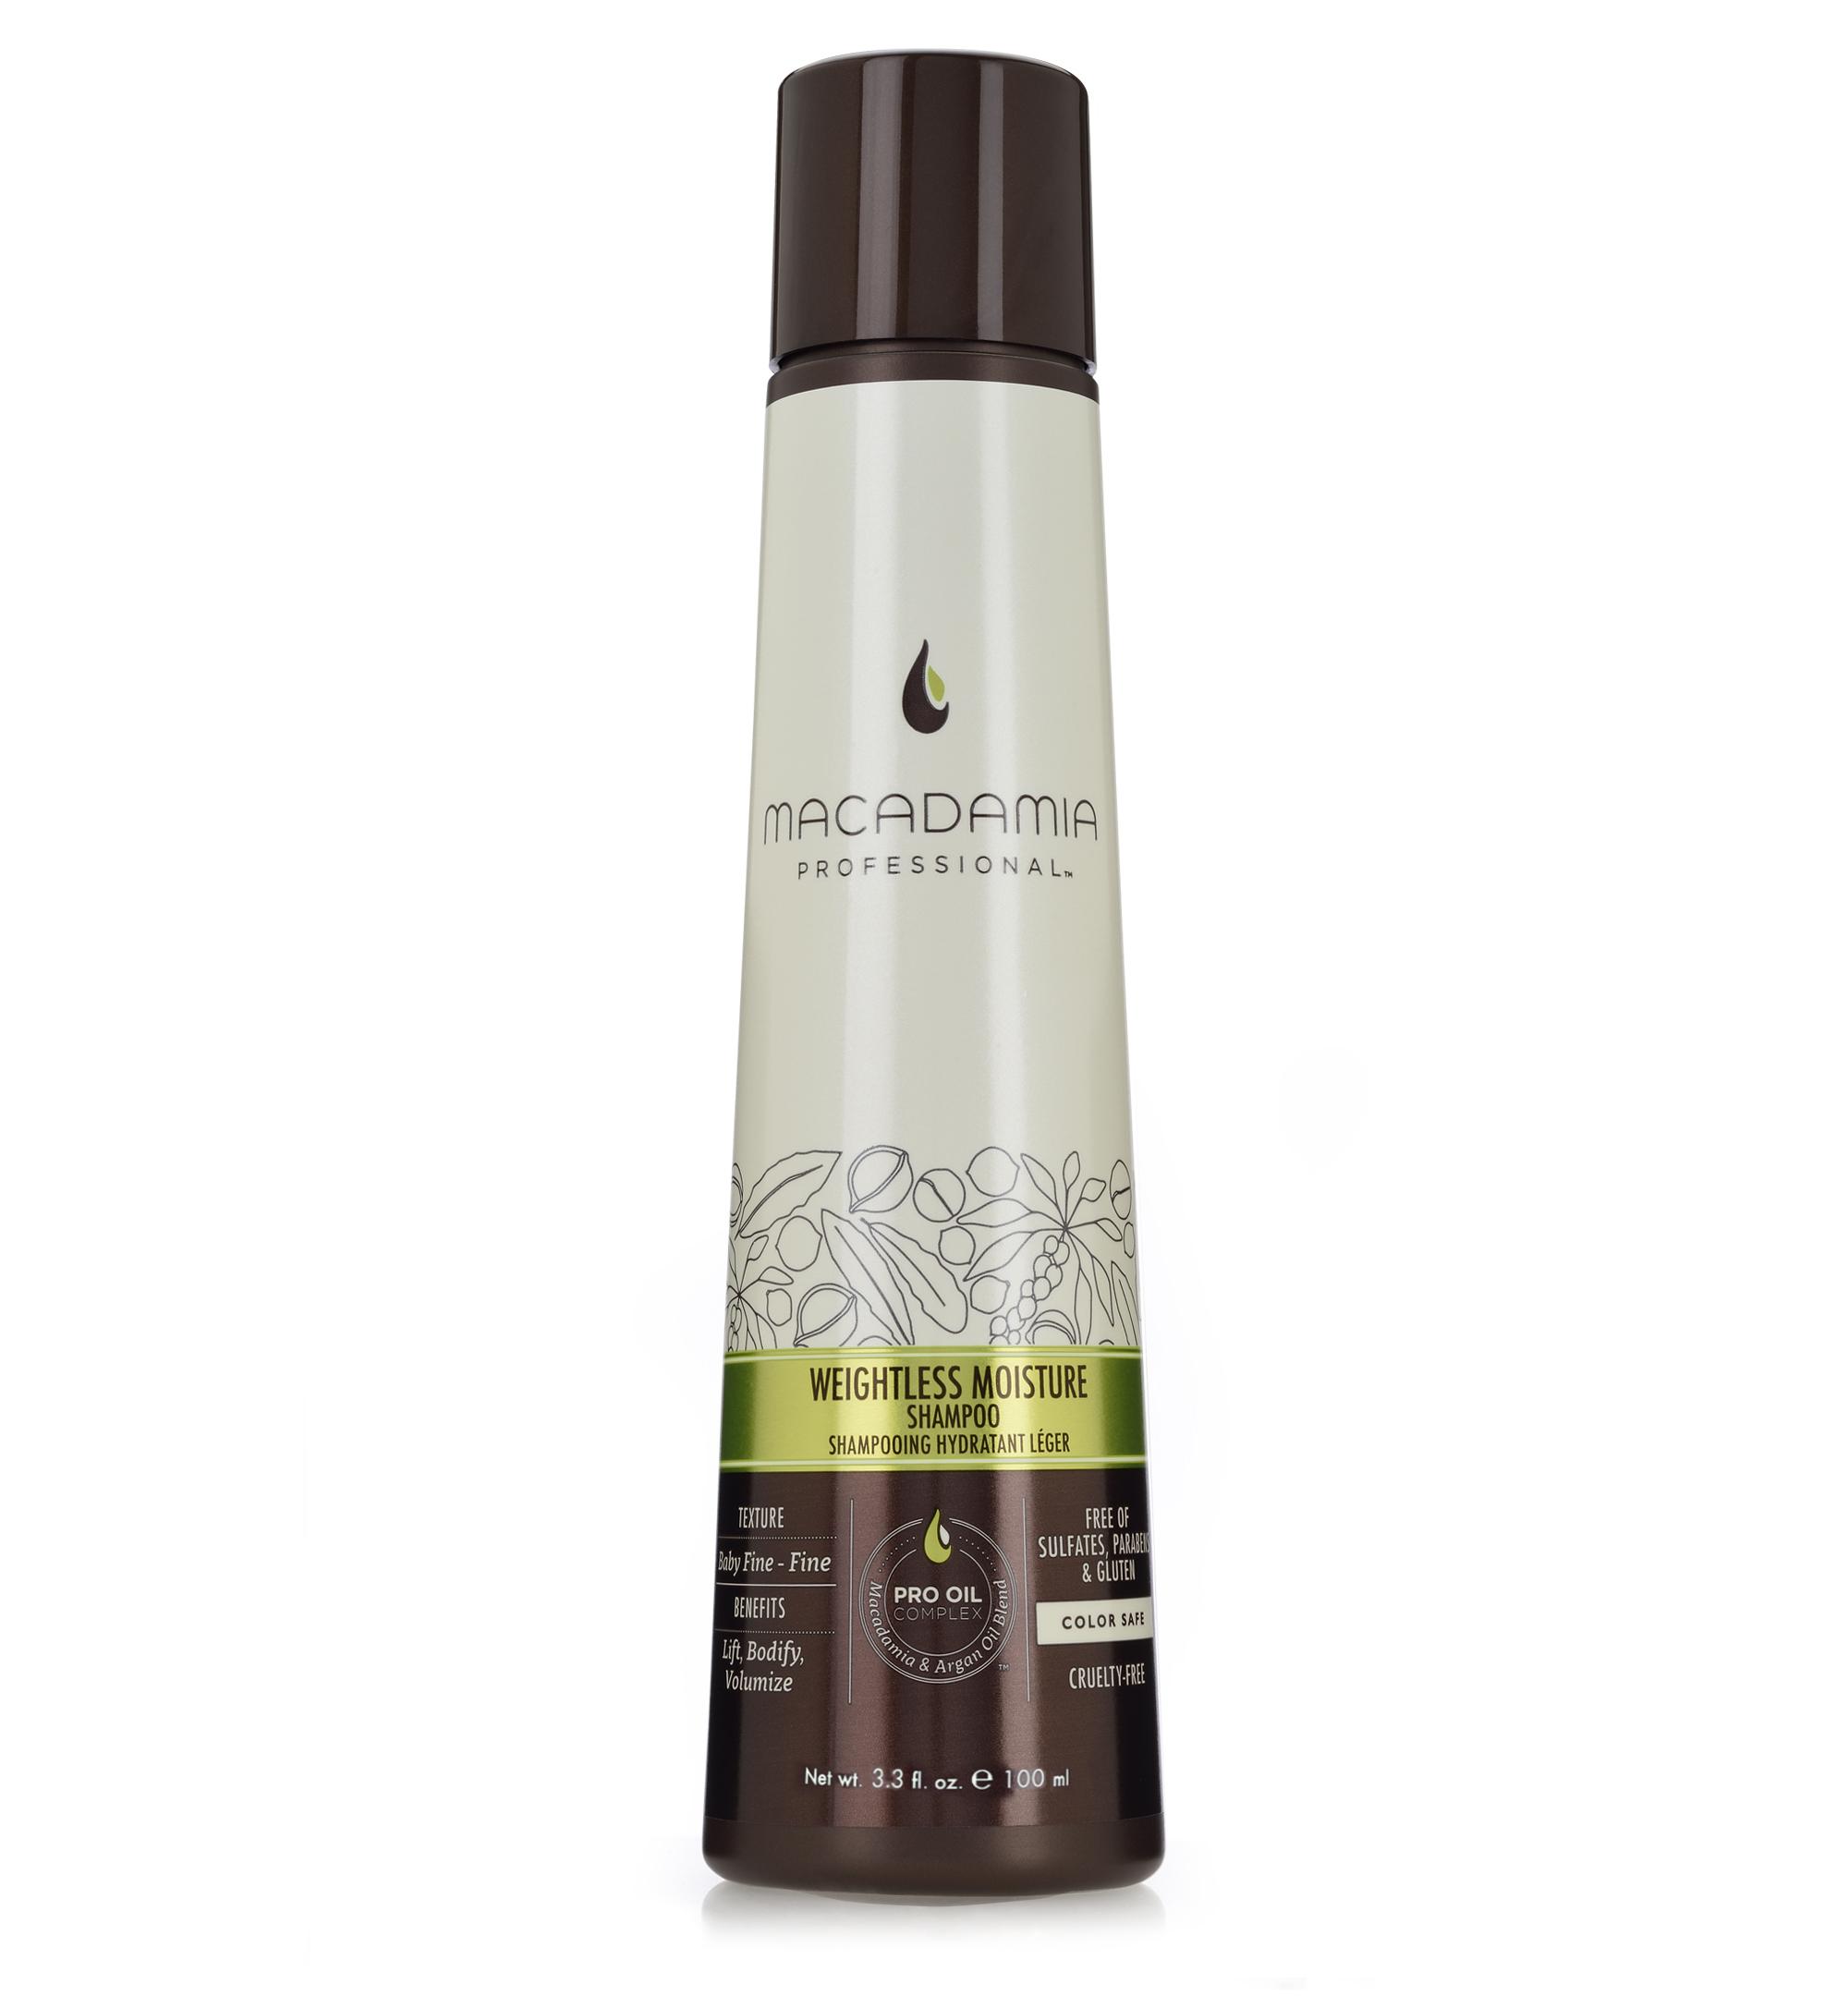 Macadamia Professional Шампунь увлажняющий для тонких волос,100 млA9028328Увлажняющий шампунь Macadamia Professional восстанавливает баланс влаги, придает плотность и объем даже самым тонким волосам. Содержит эксклюзивный Pro Oil Complex с маслами макадамии и арганы, масла авокадо и лесного ореха, которые обеспечивают увлажнение и восстановление, увеличивают плотность тонких волос, питают кожу головы. Содержит UVA/UVB фильтры, сохраняет цвет окрашенных волос. Защищает от воздействия неблагоприятных факторов окружающей среды.